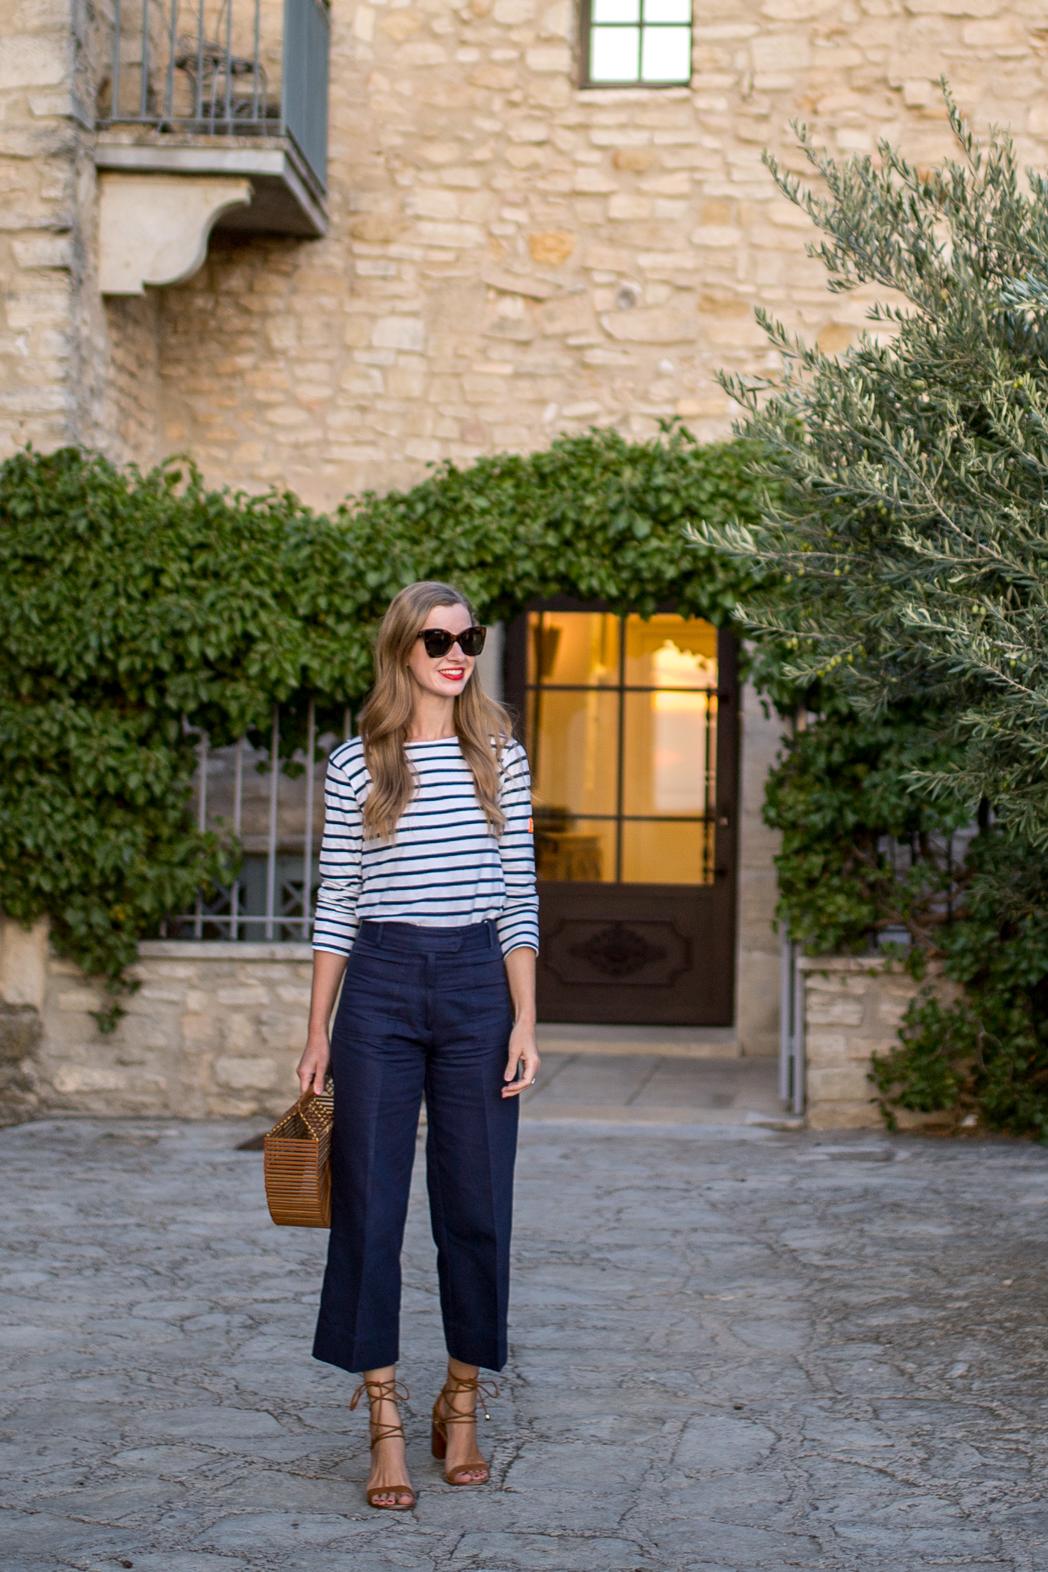 Stacie Flinner Hotel Crillon Le Brave France-4